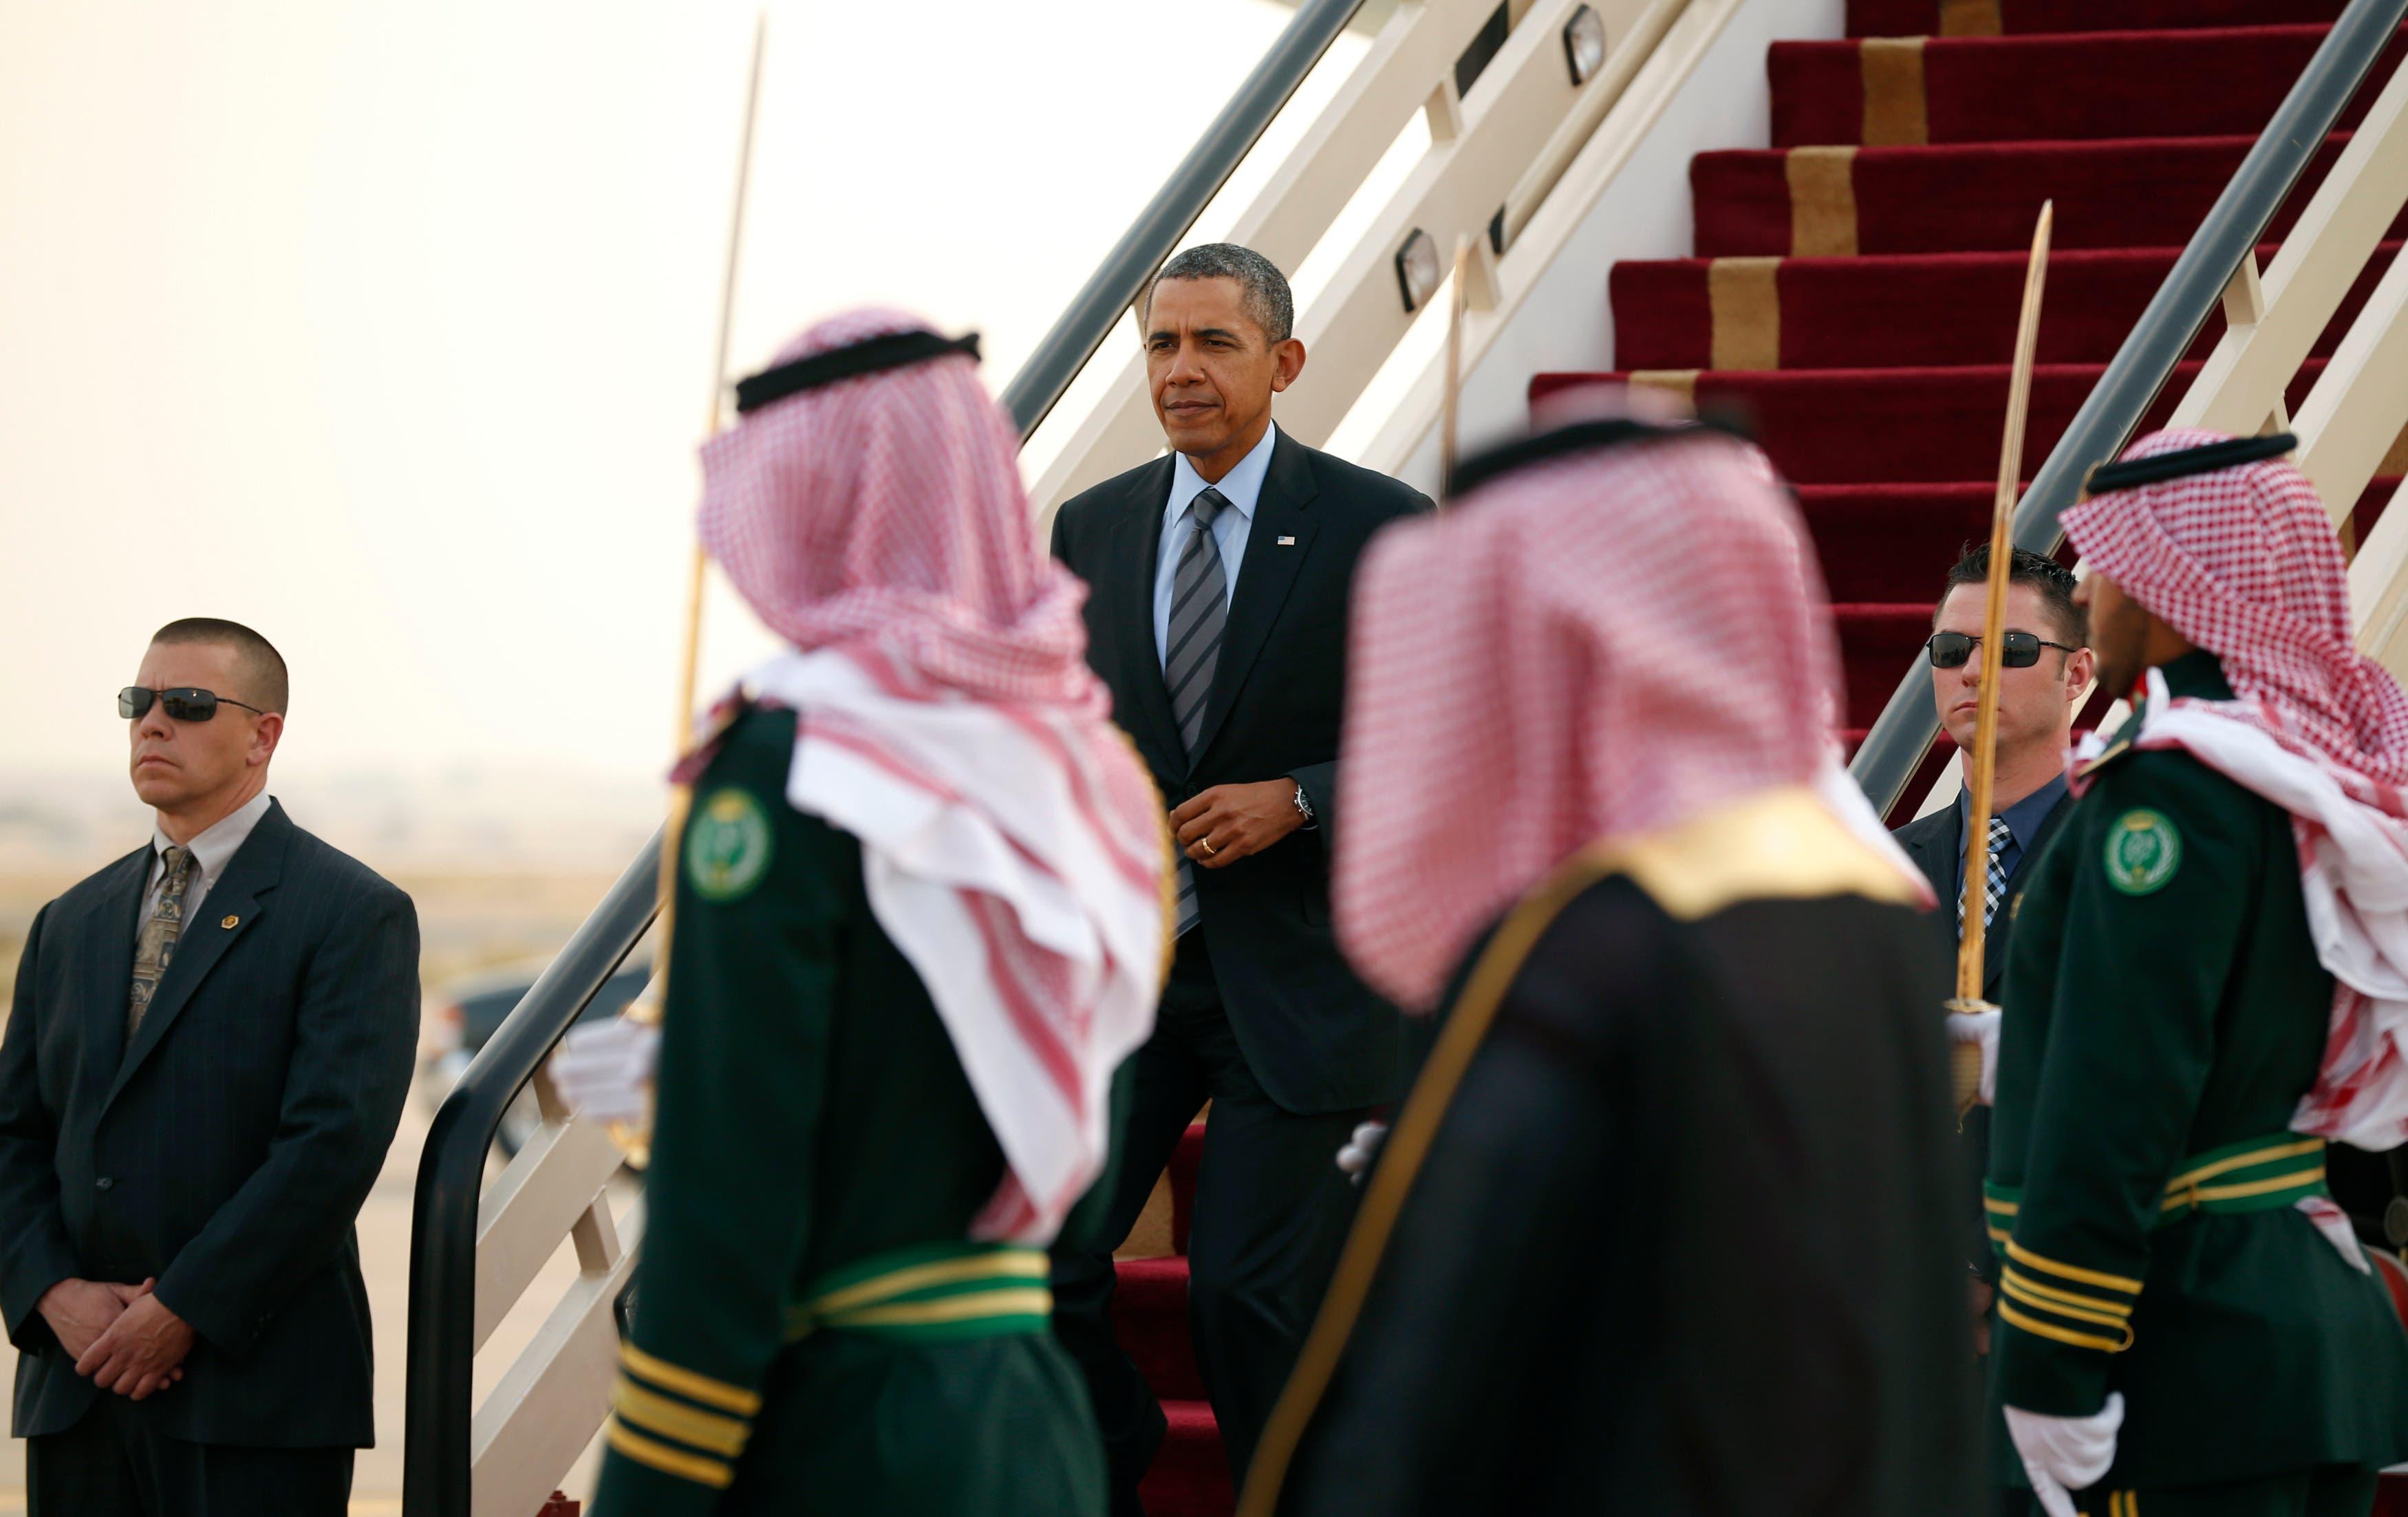 Barack Obama in Saudi Arabia